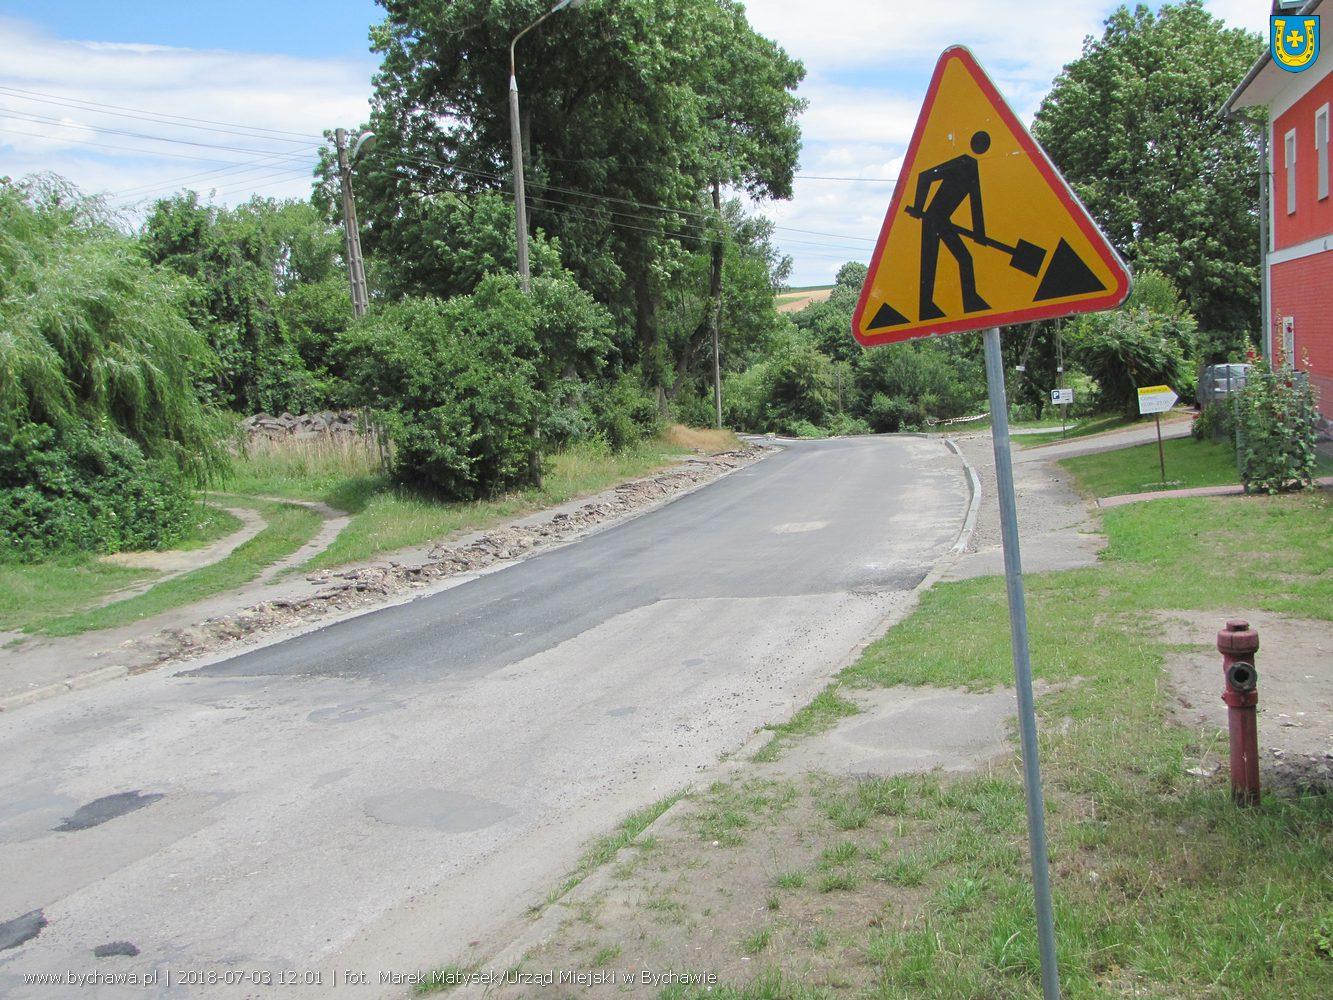 Trwają prace na ul. Mikołaja Pileckiego w Bychawie